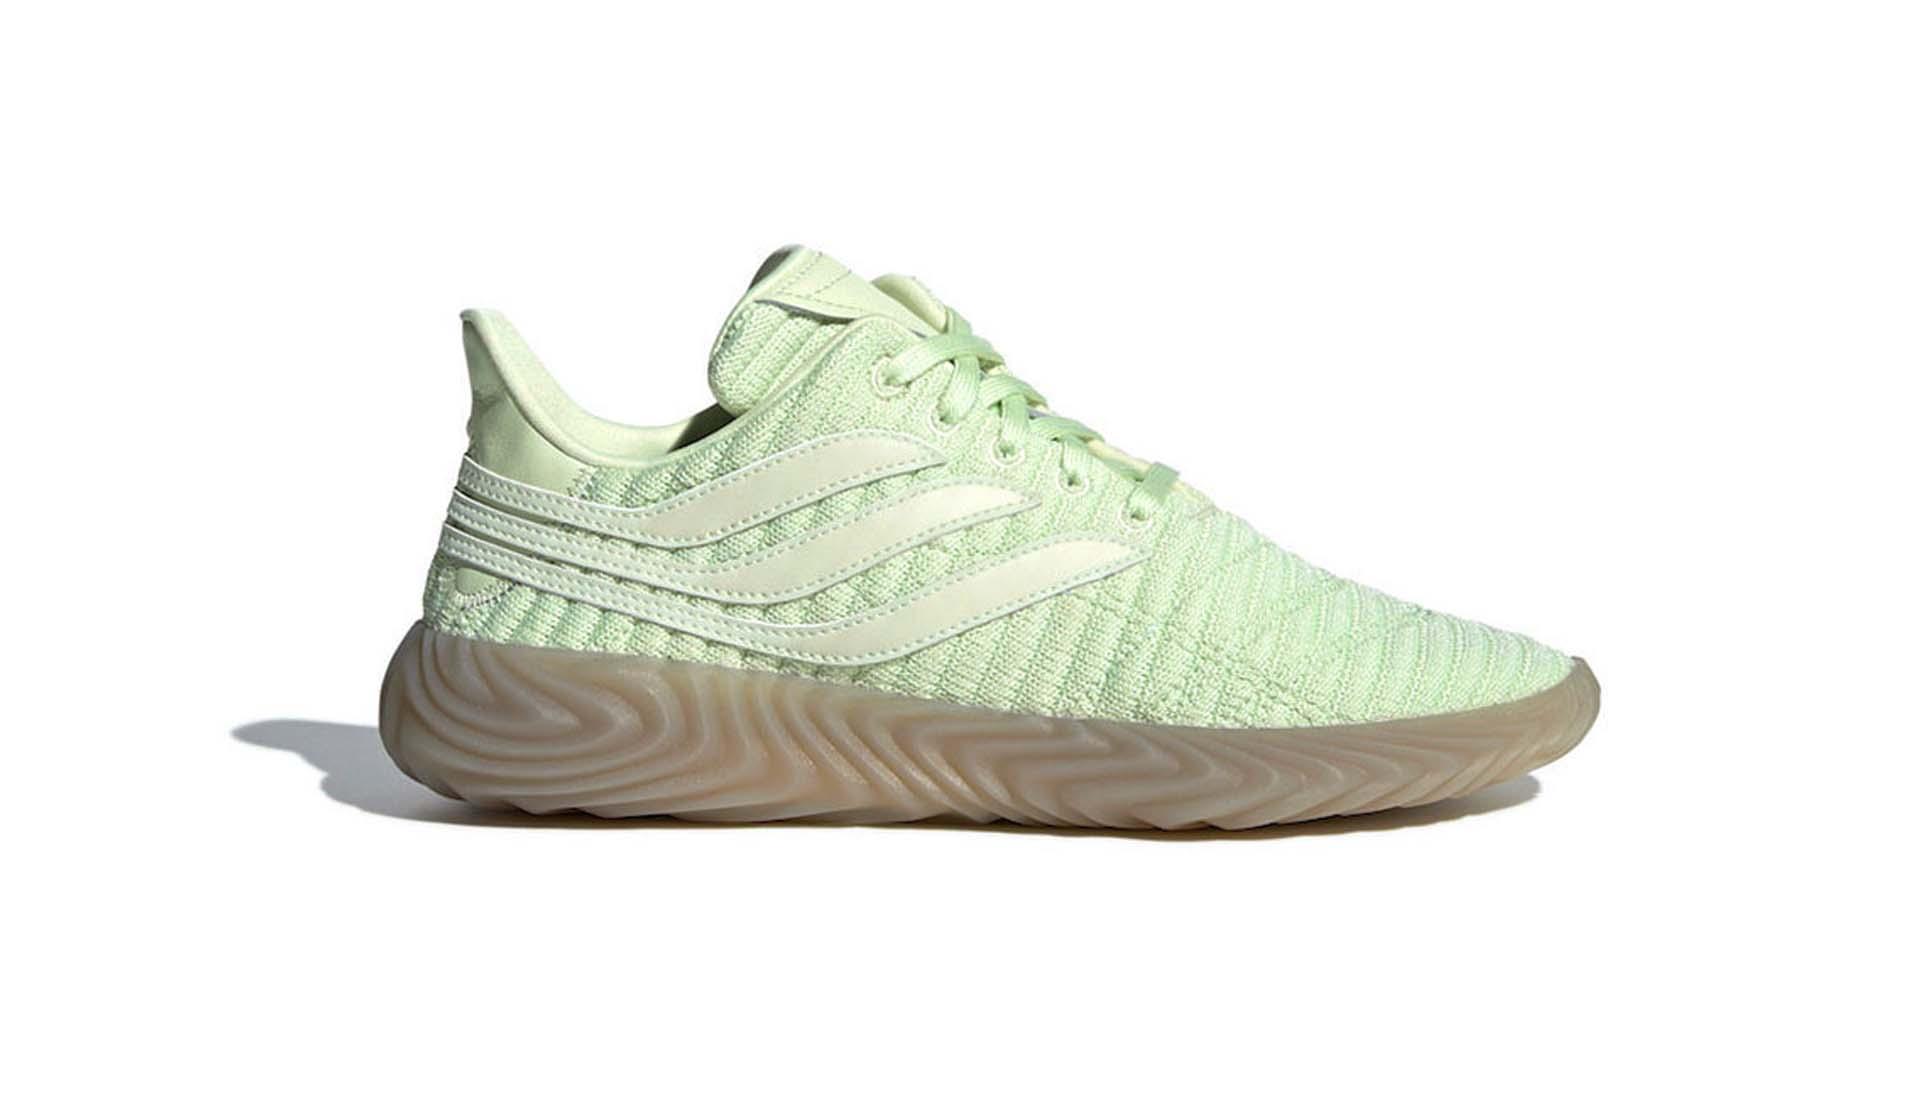 adidas schoenen mint groen